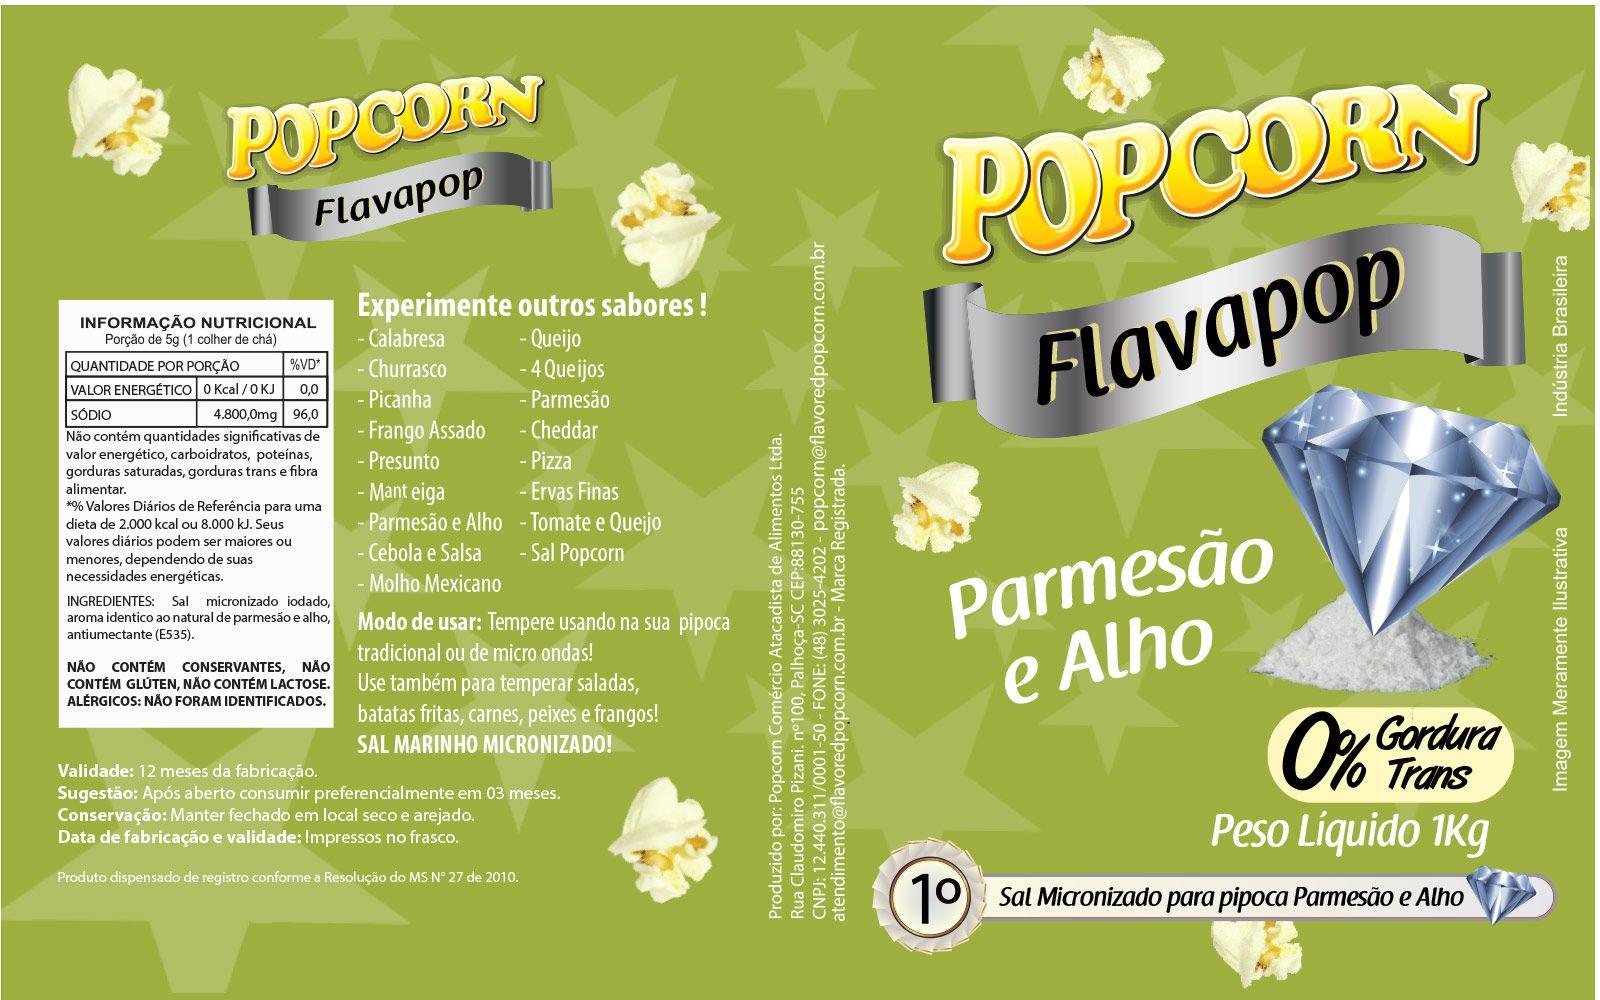 FLAVAPOP - Original de cinema -  Parmesão e alho - Micronizado Popcorn  - Pct 1kg